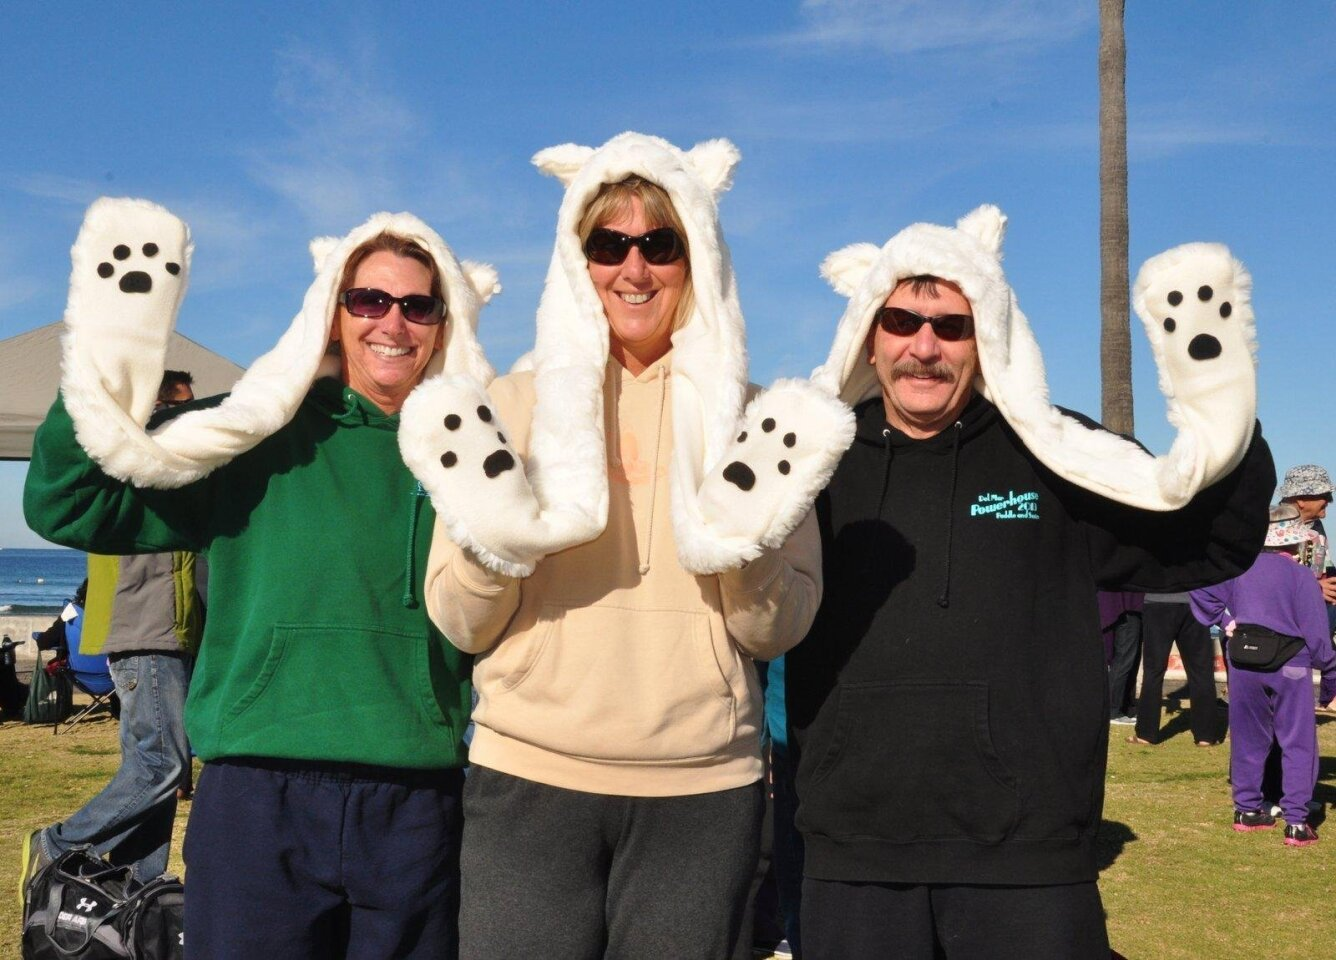 Patty Magaudda, Nancy Nowak and Bob Magaudda. (Polar Bear Plunge at La Jolla Shores Beach, Jan. 1, 2016)